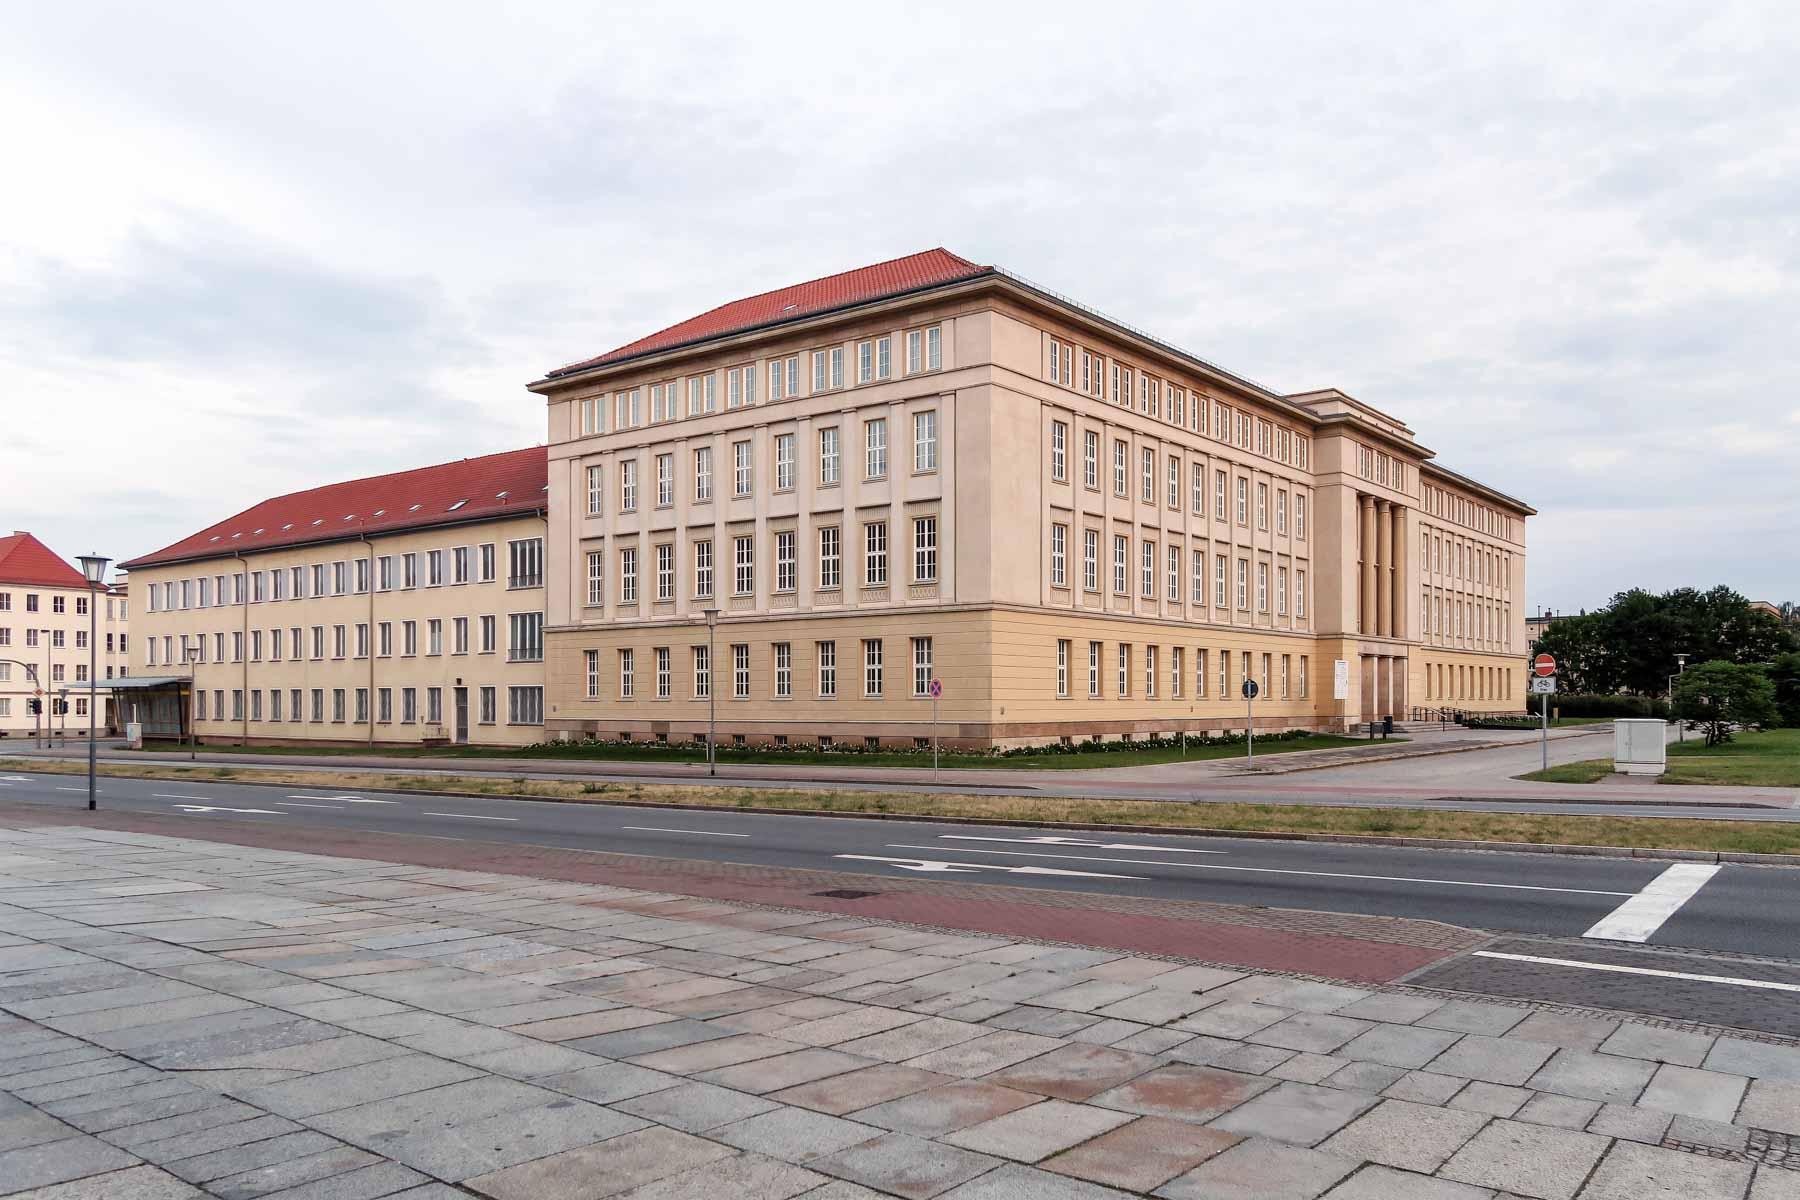 Rathaus Architektur Eisenhüttenstadt